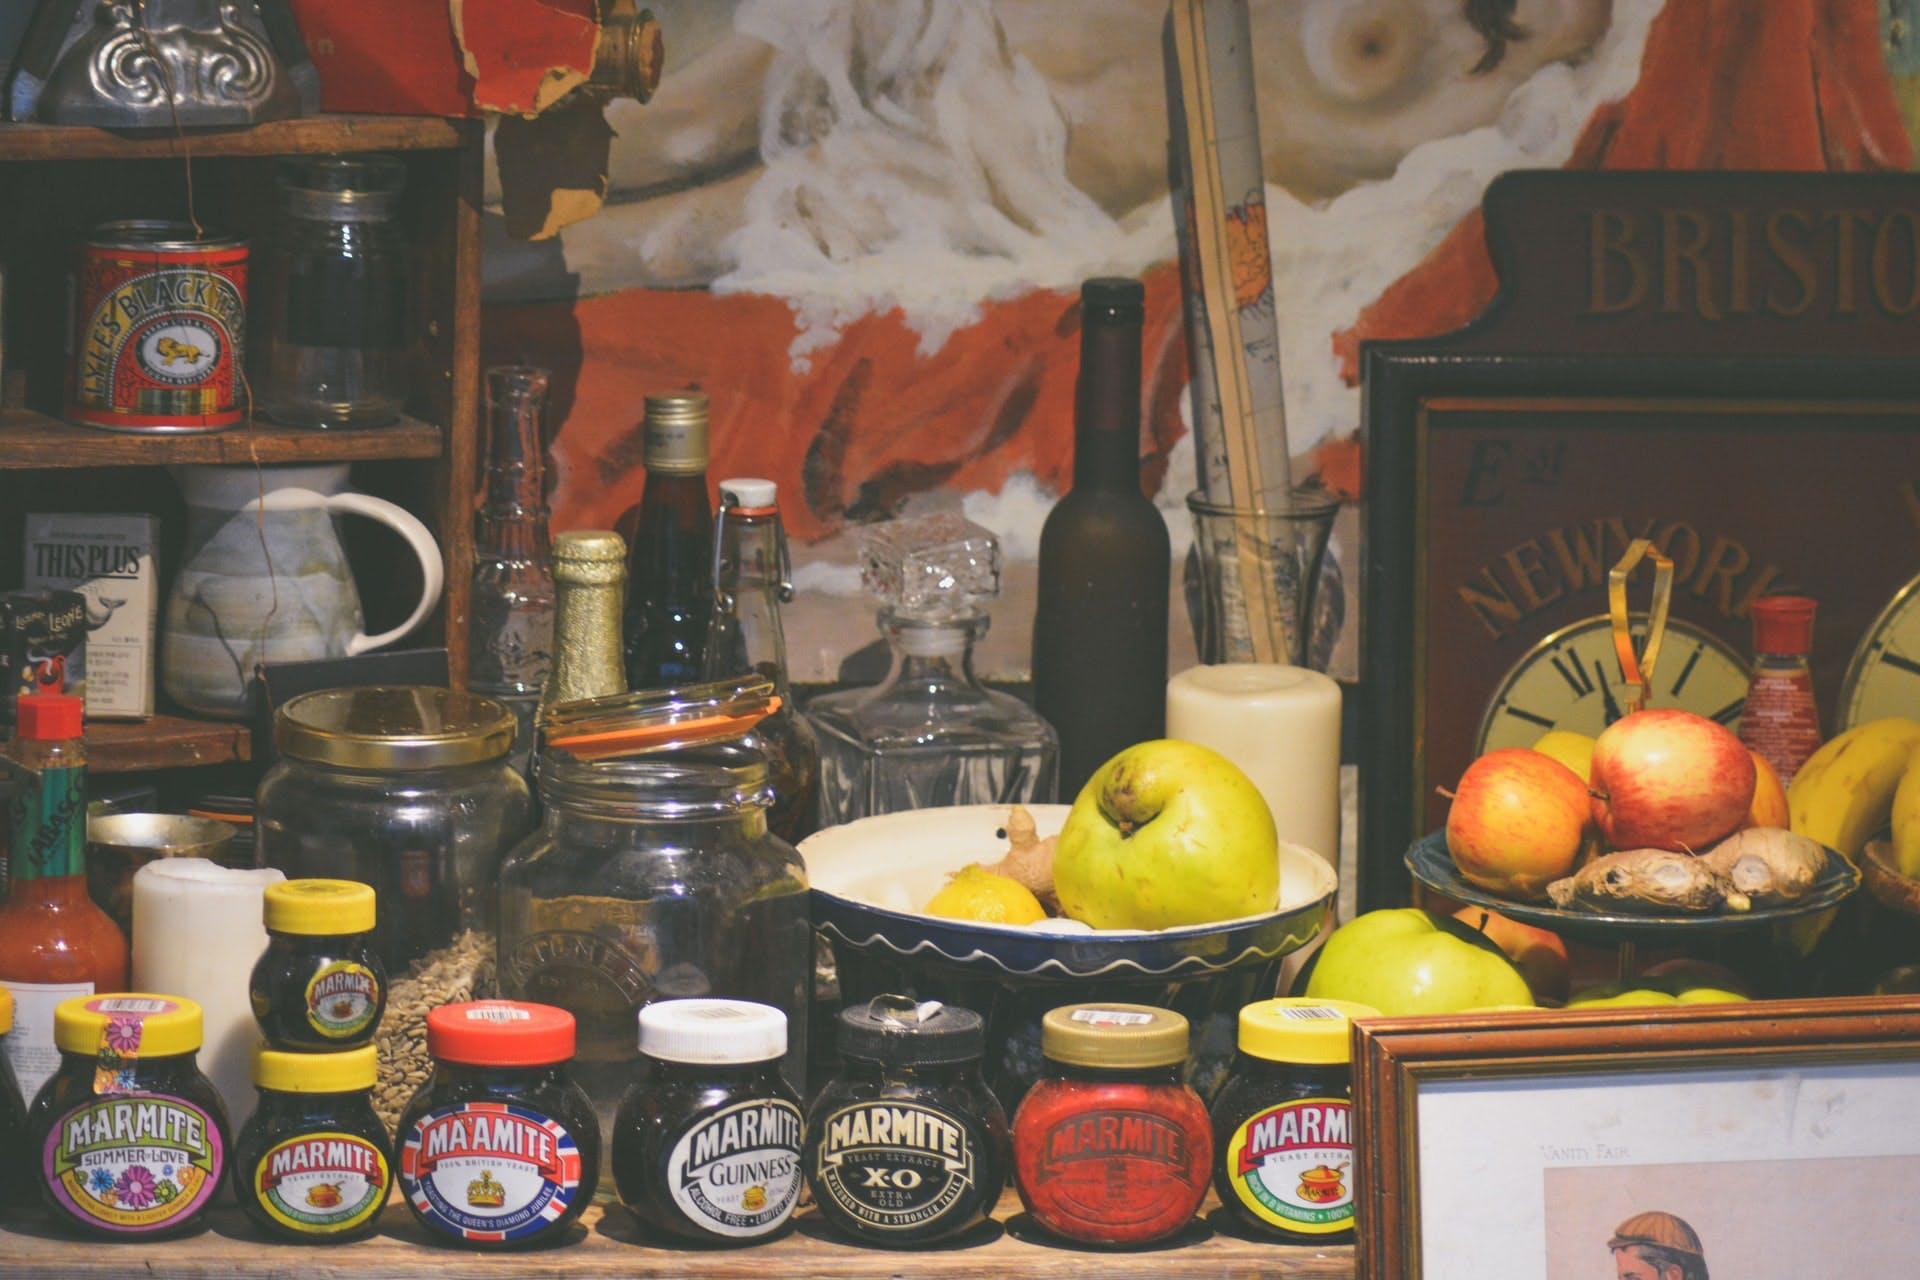 jars of marmite